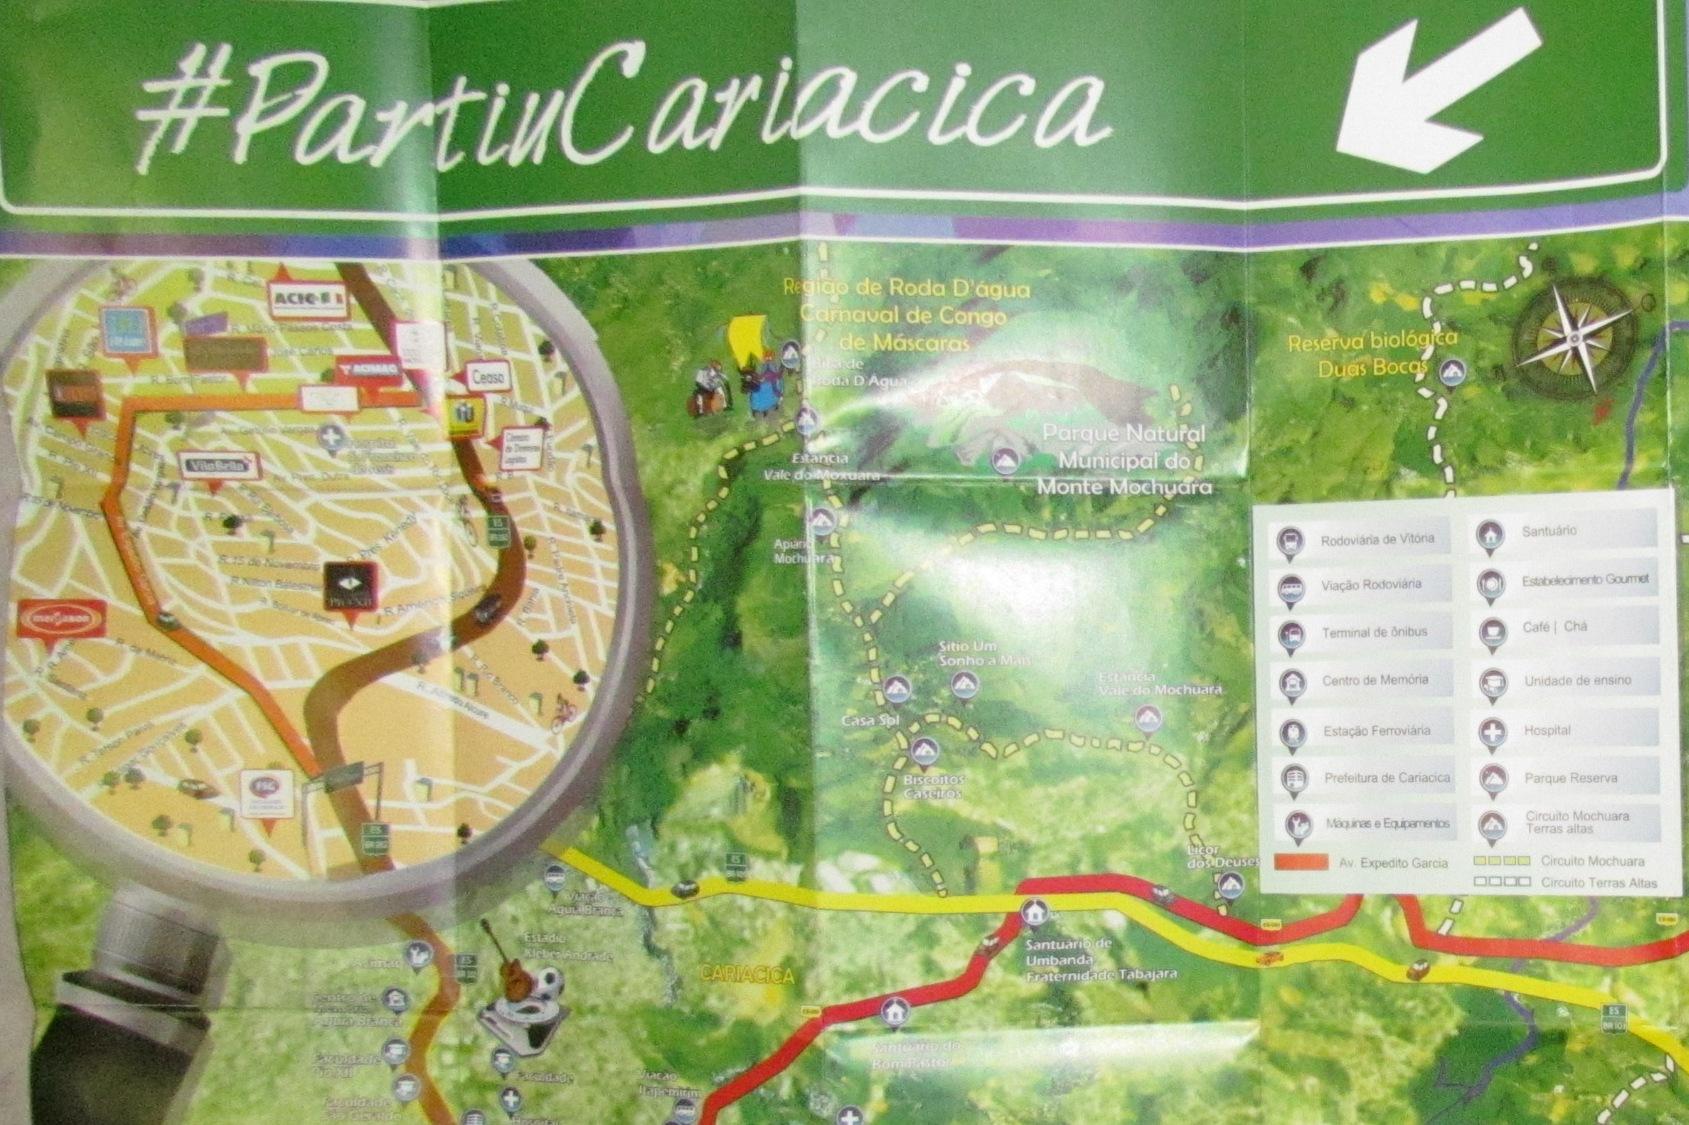 Faculdade em Cariacica é PIO XII. Confira o mapa da cidade com as principais instituições